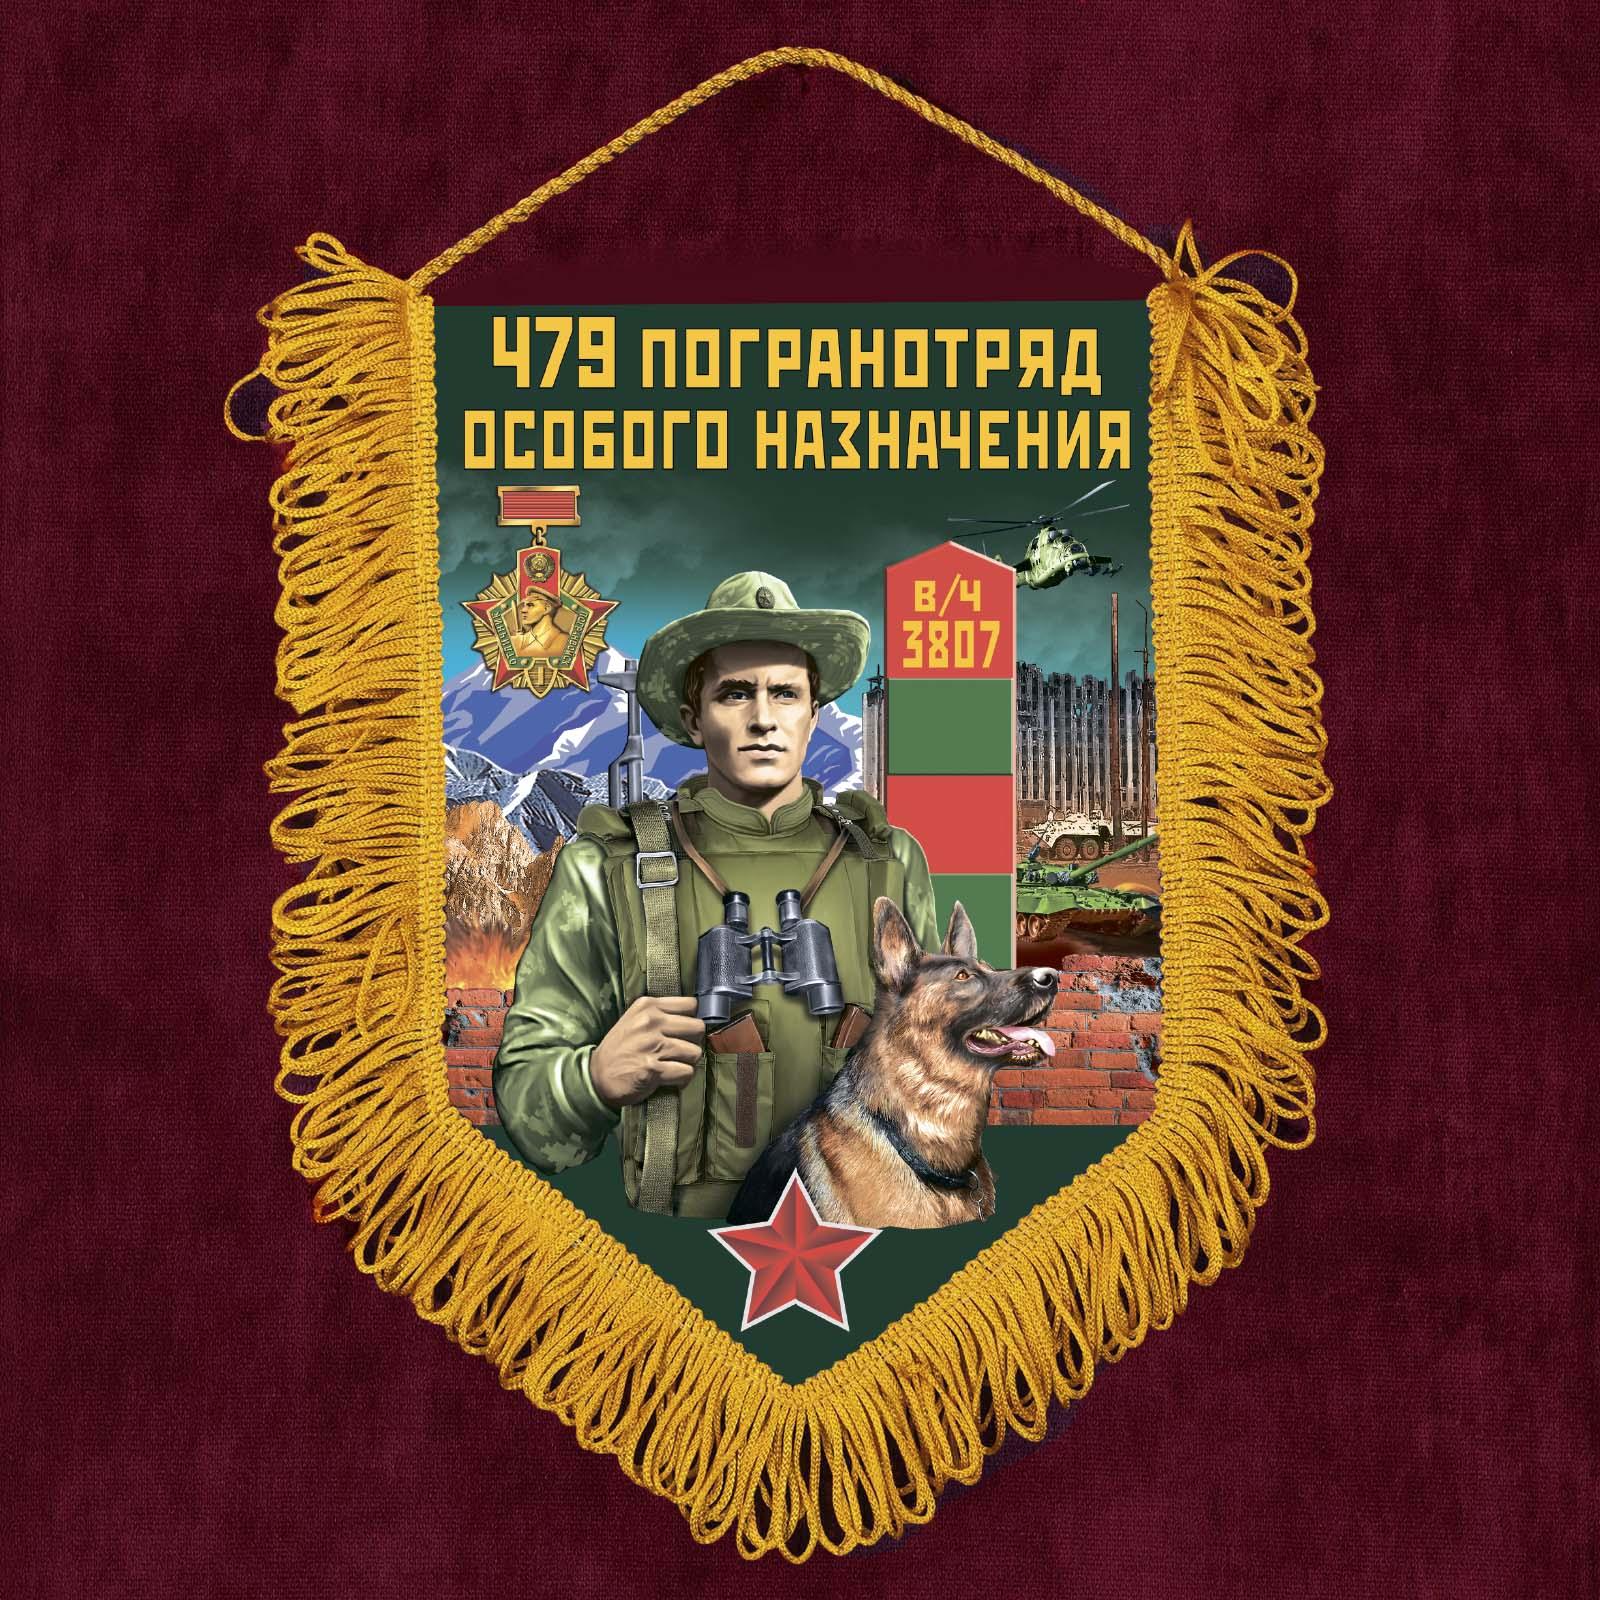 """Наградной вымпел """"479 погранотряд особого назначения"""""""